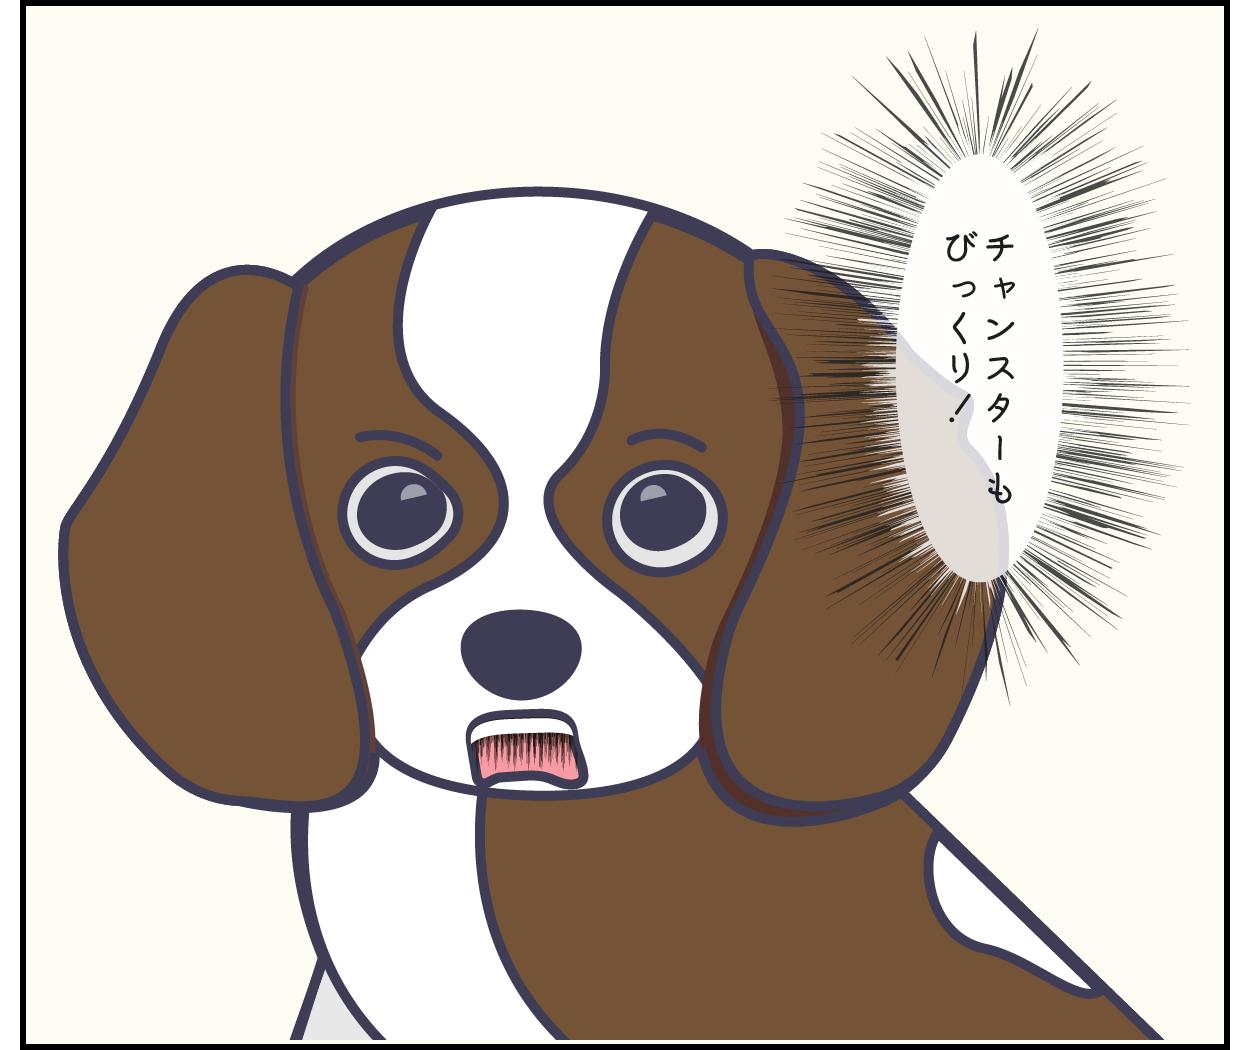 キャバリア 犬 びっくり ショック 男性 顔 表情